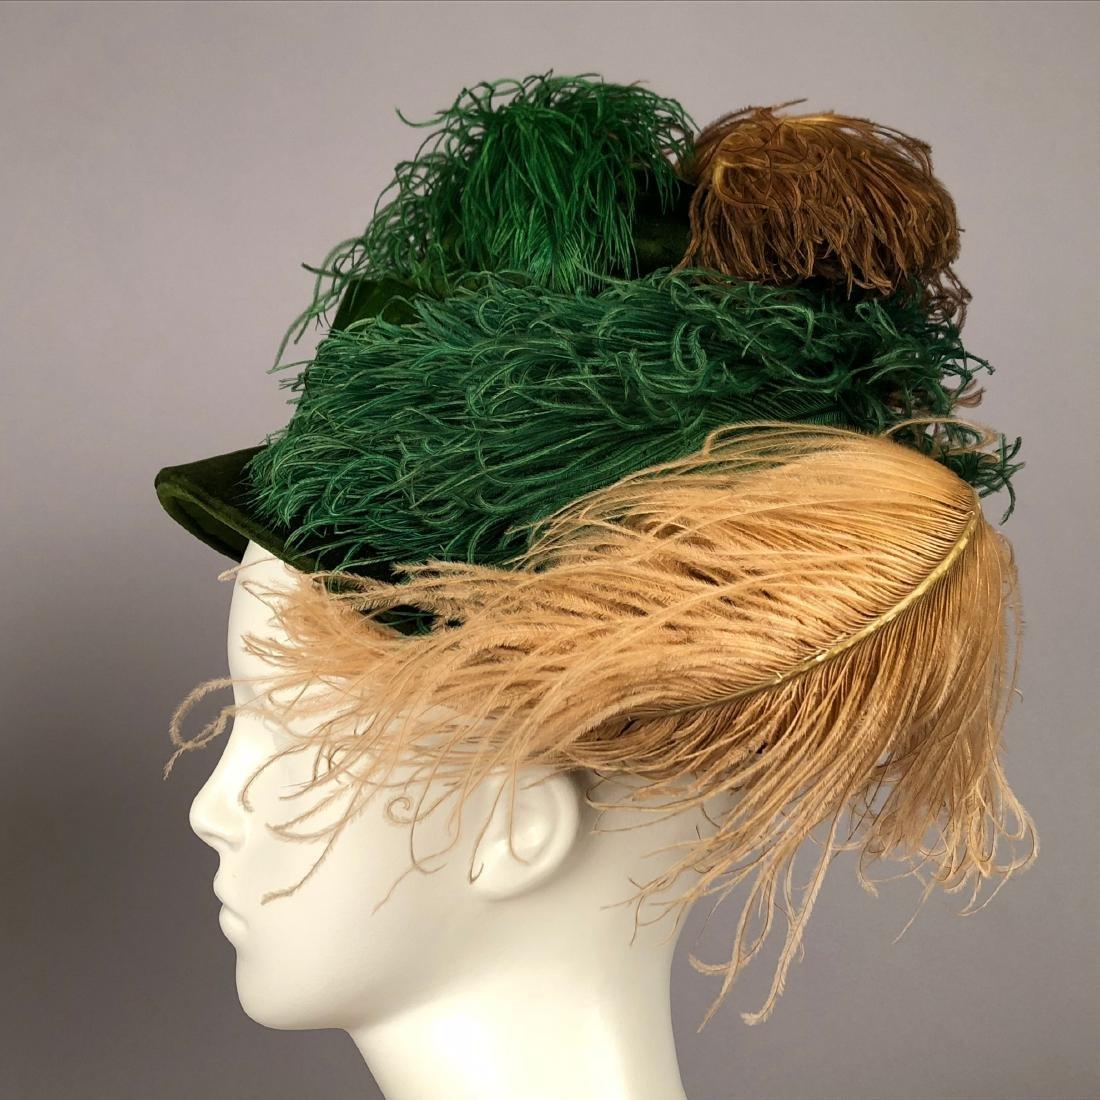 TWO LADIES' VELVET HATS, 1918 and 1920s - 3